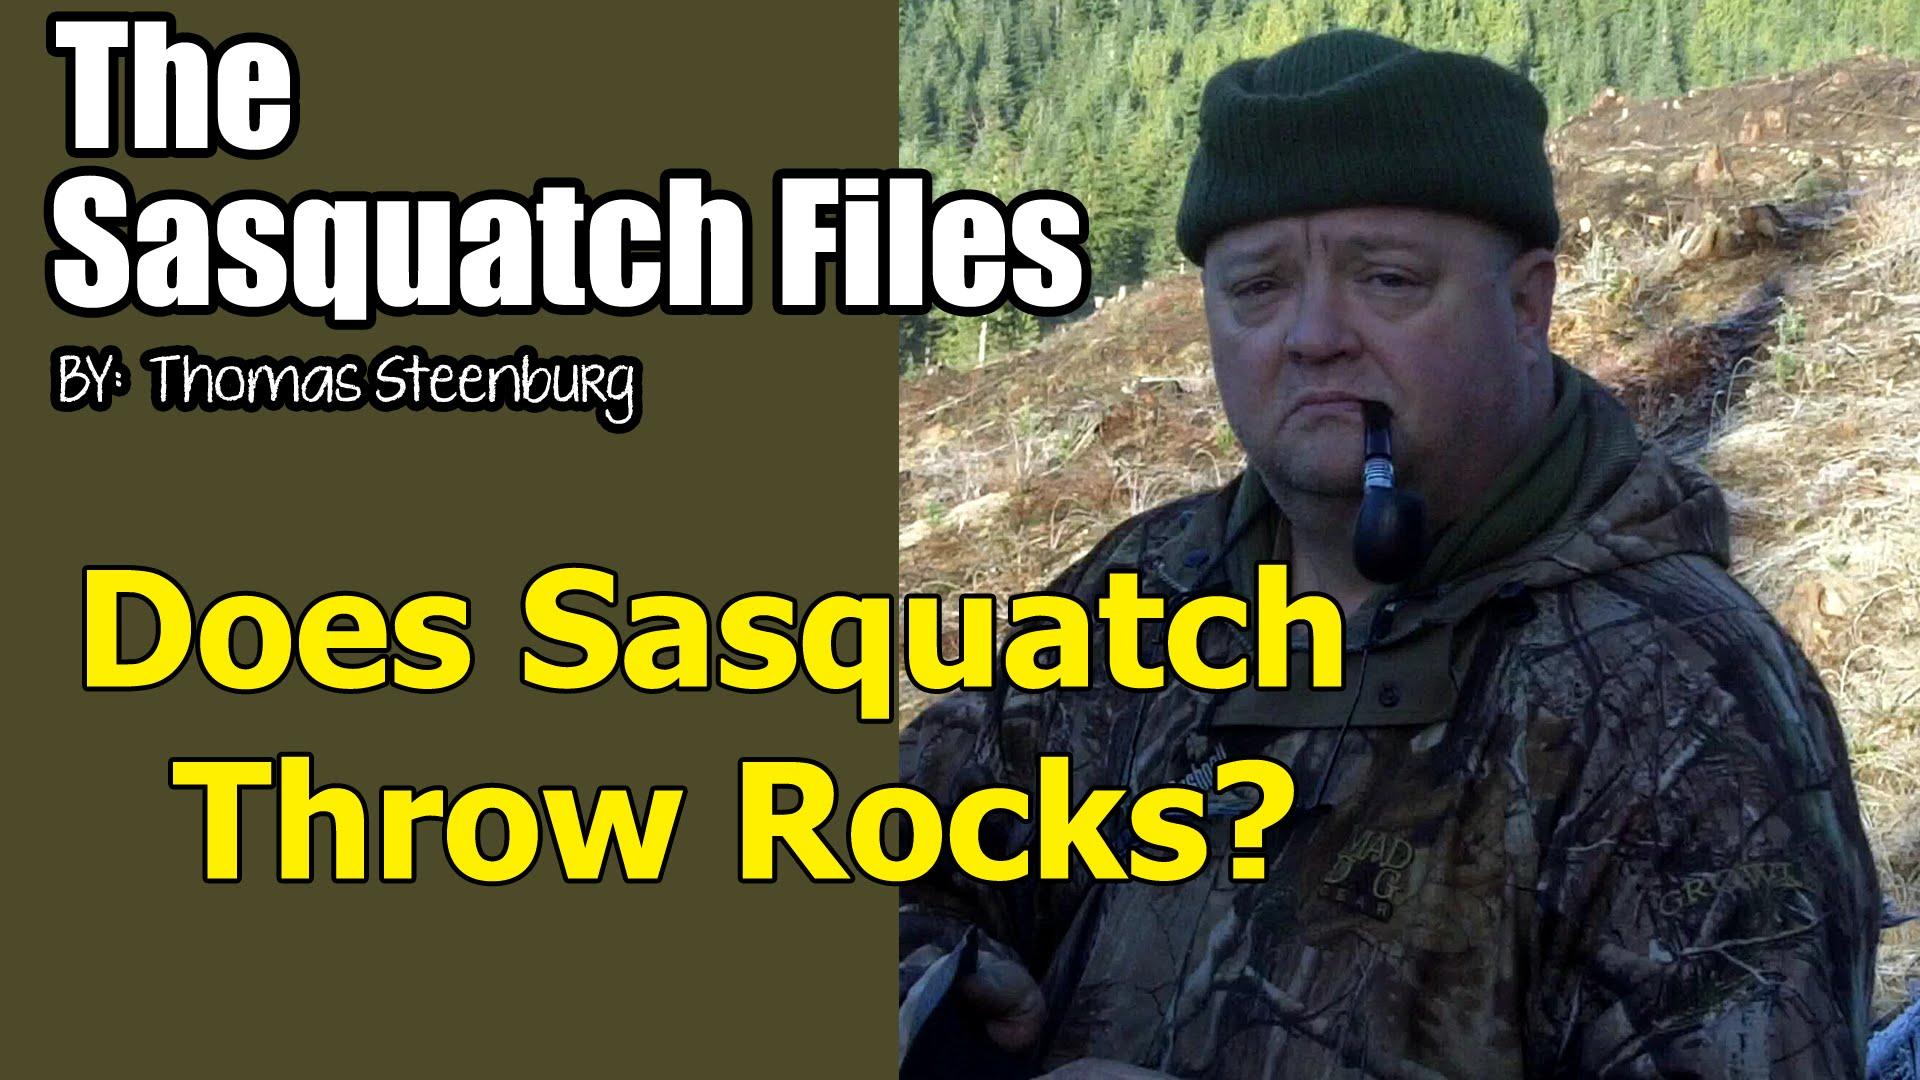 tsf-does-sasquatch-throw-rocks